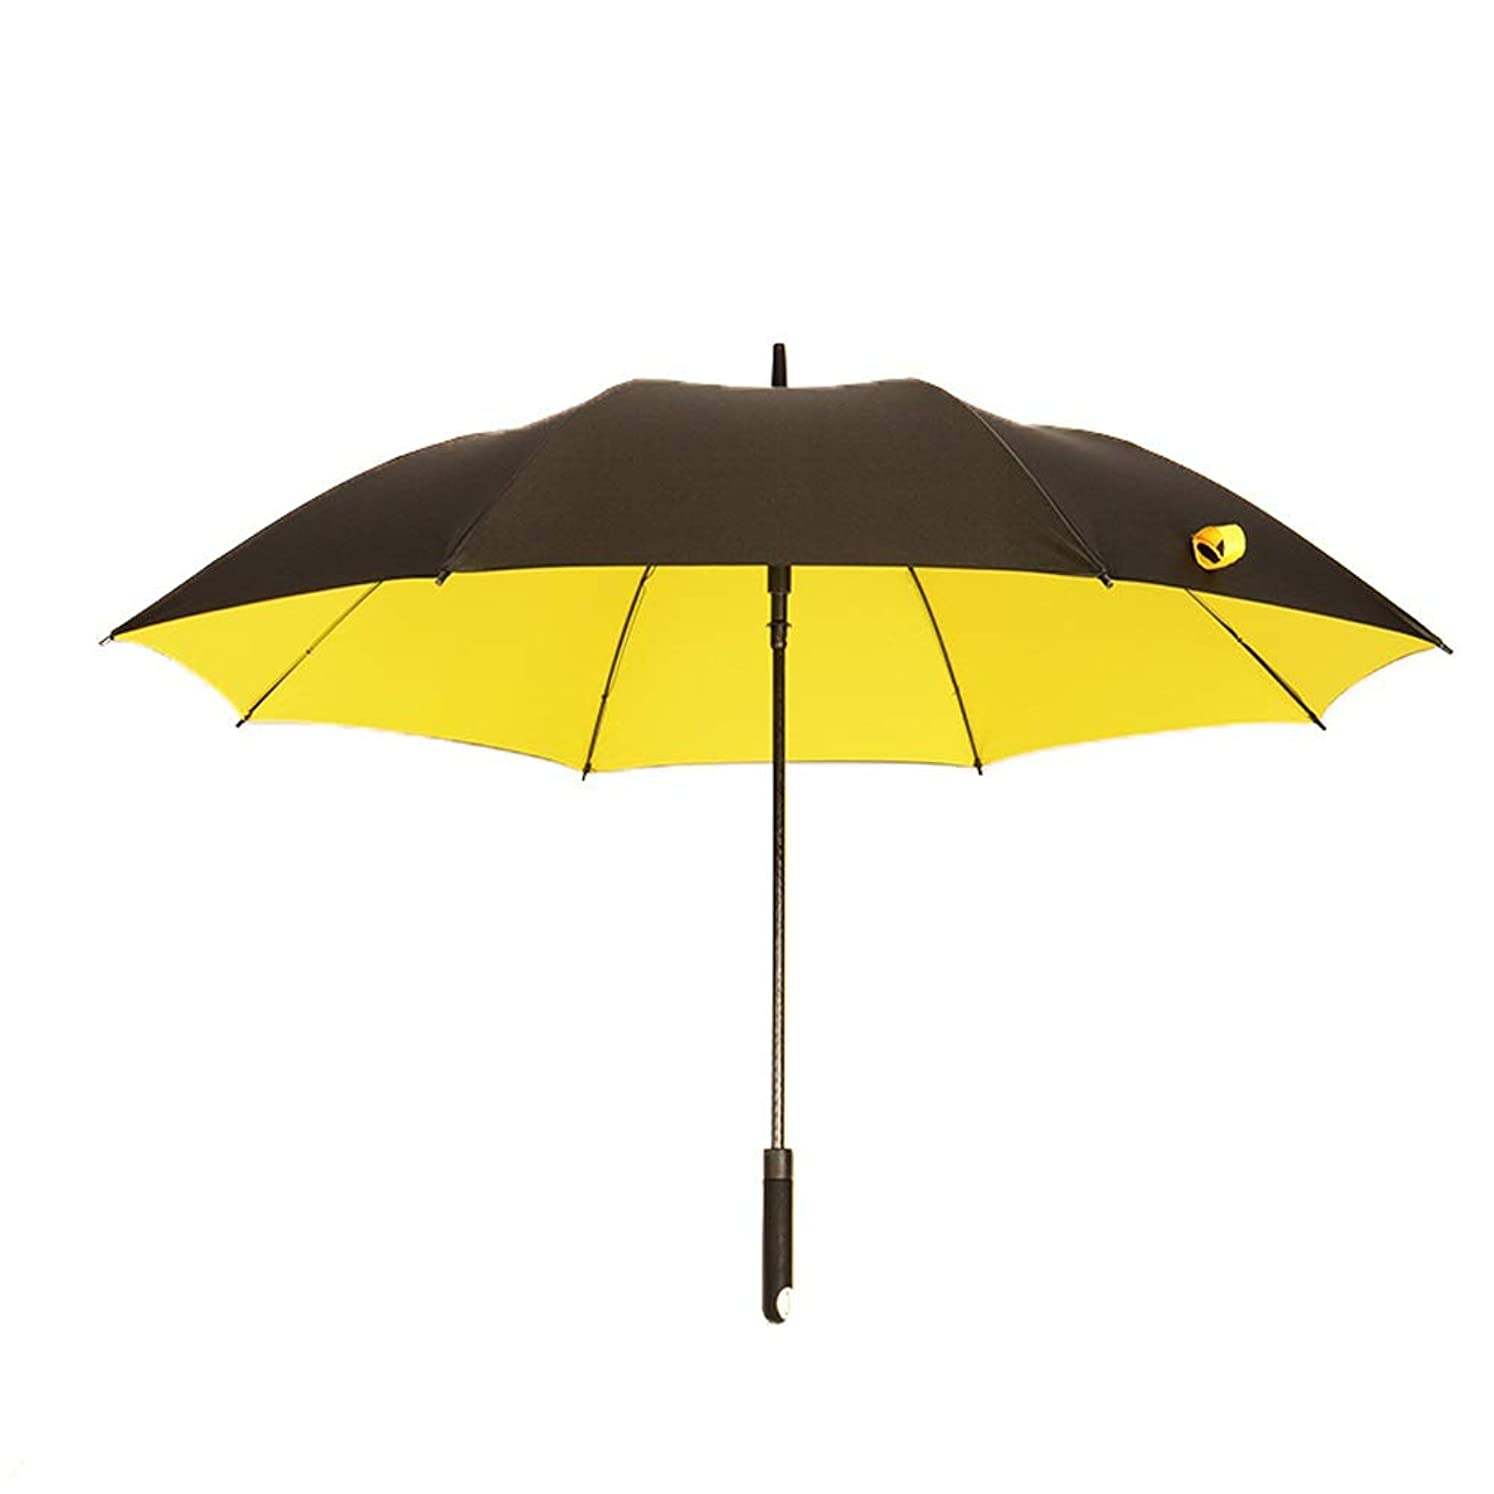 適応する海里思慮のないオートオープン商務防風旅行バンドル傘二重層傘ビッグキャノピー人間工学に基づいたハンドル ポータブル防風強化日焼け止め傘 (Color : イエロー, Size : フリー)